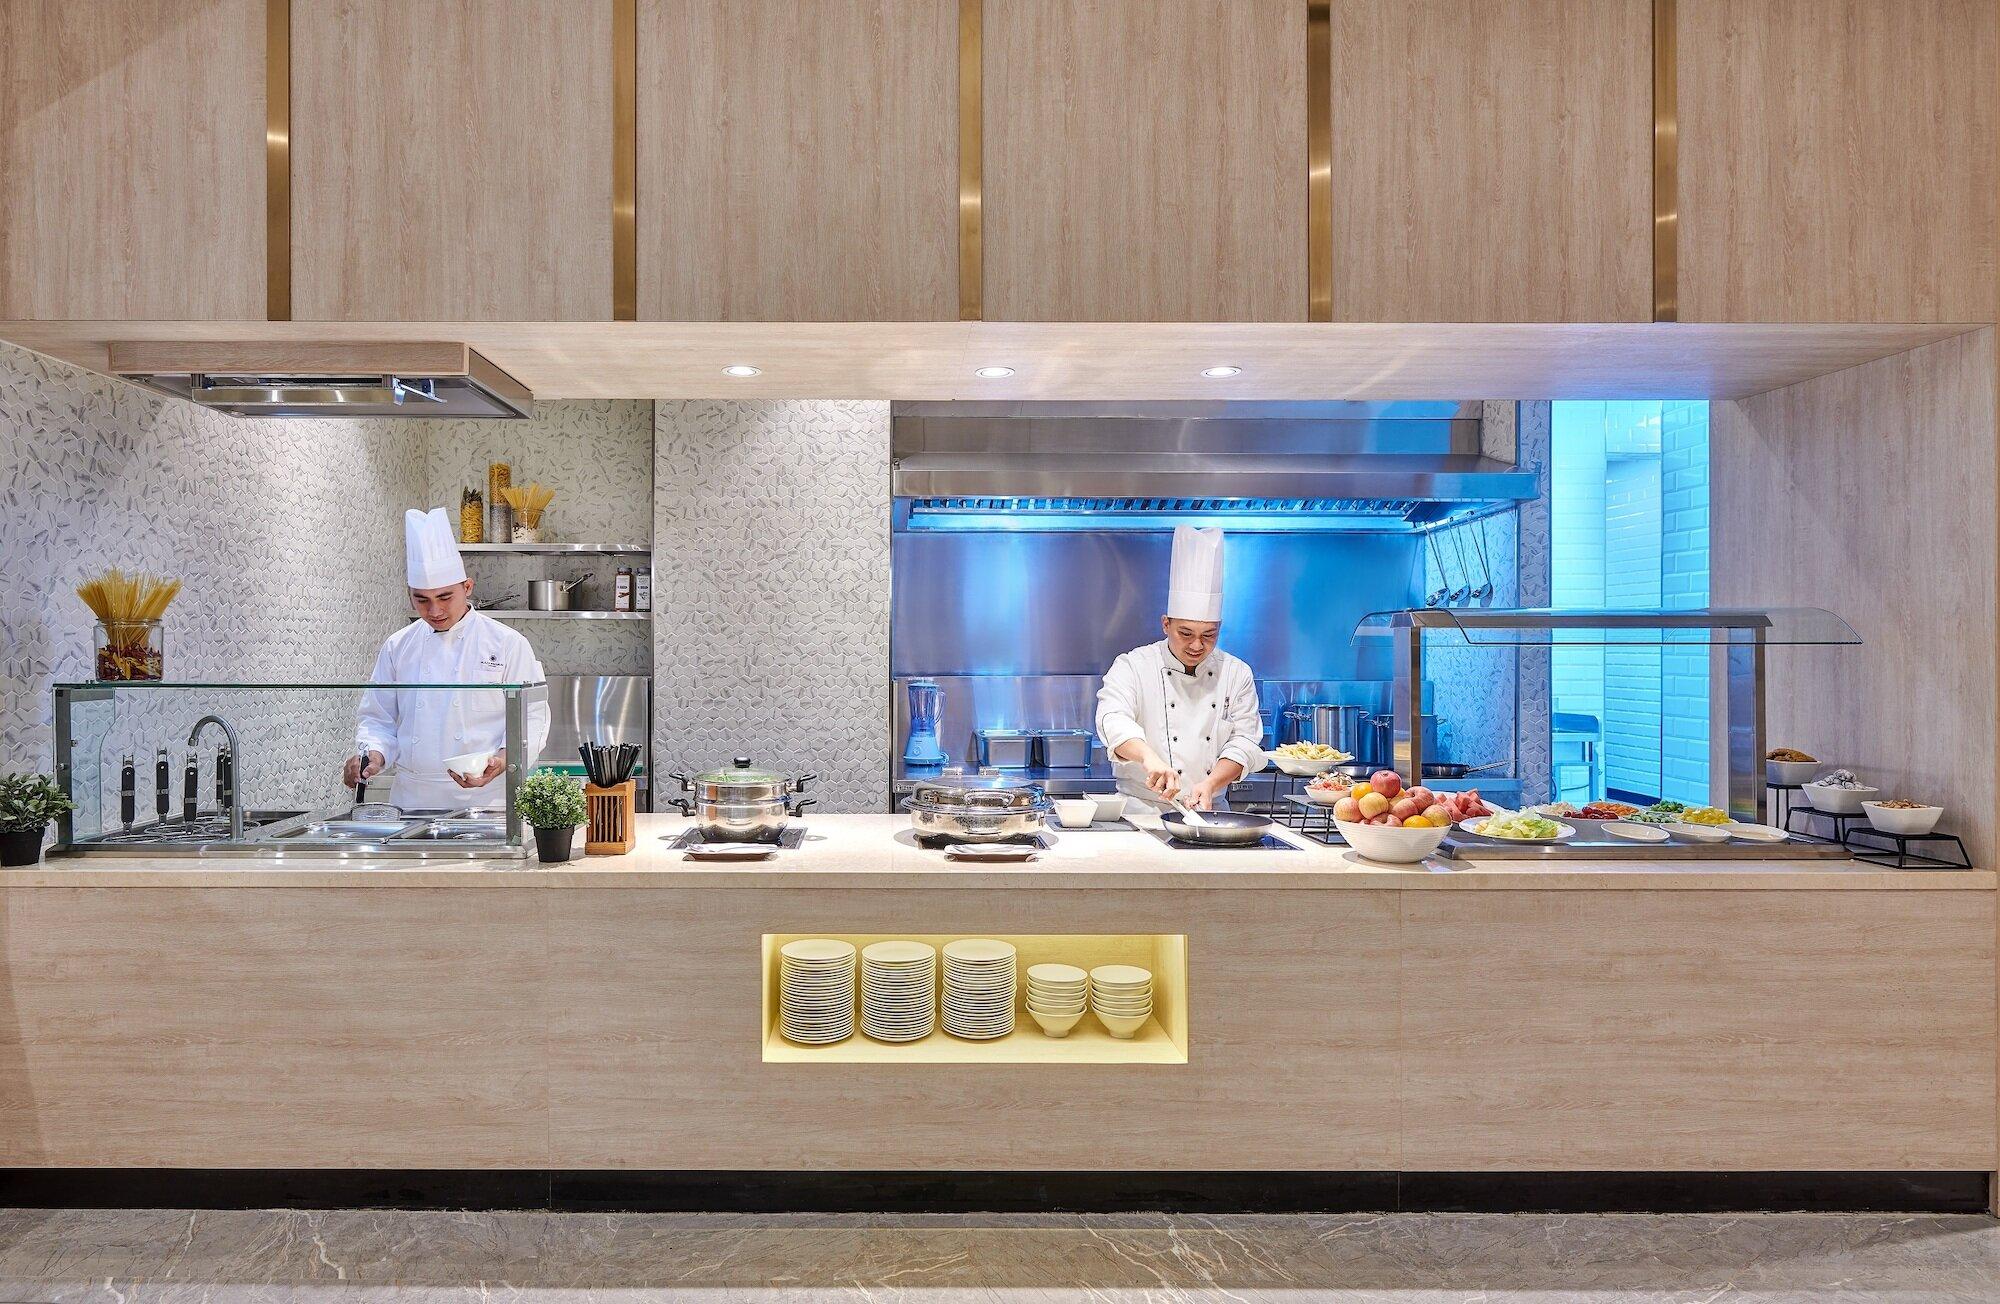 The kitchen at the Mactan Cebu Domestic Arrivals Plaza Premium Lounge.